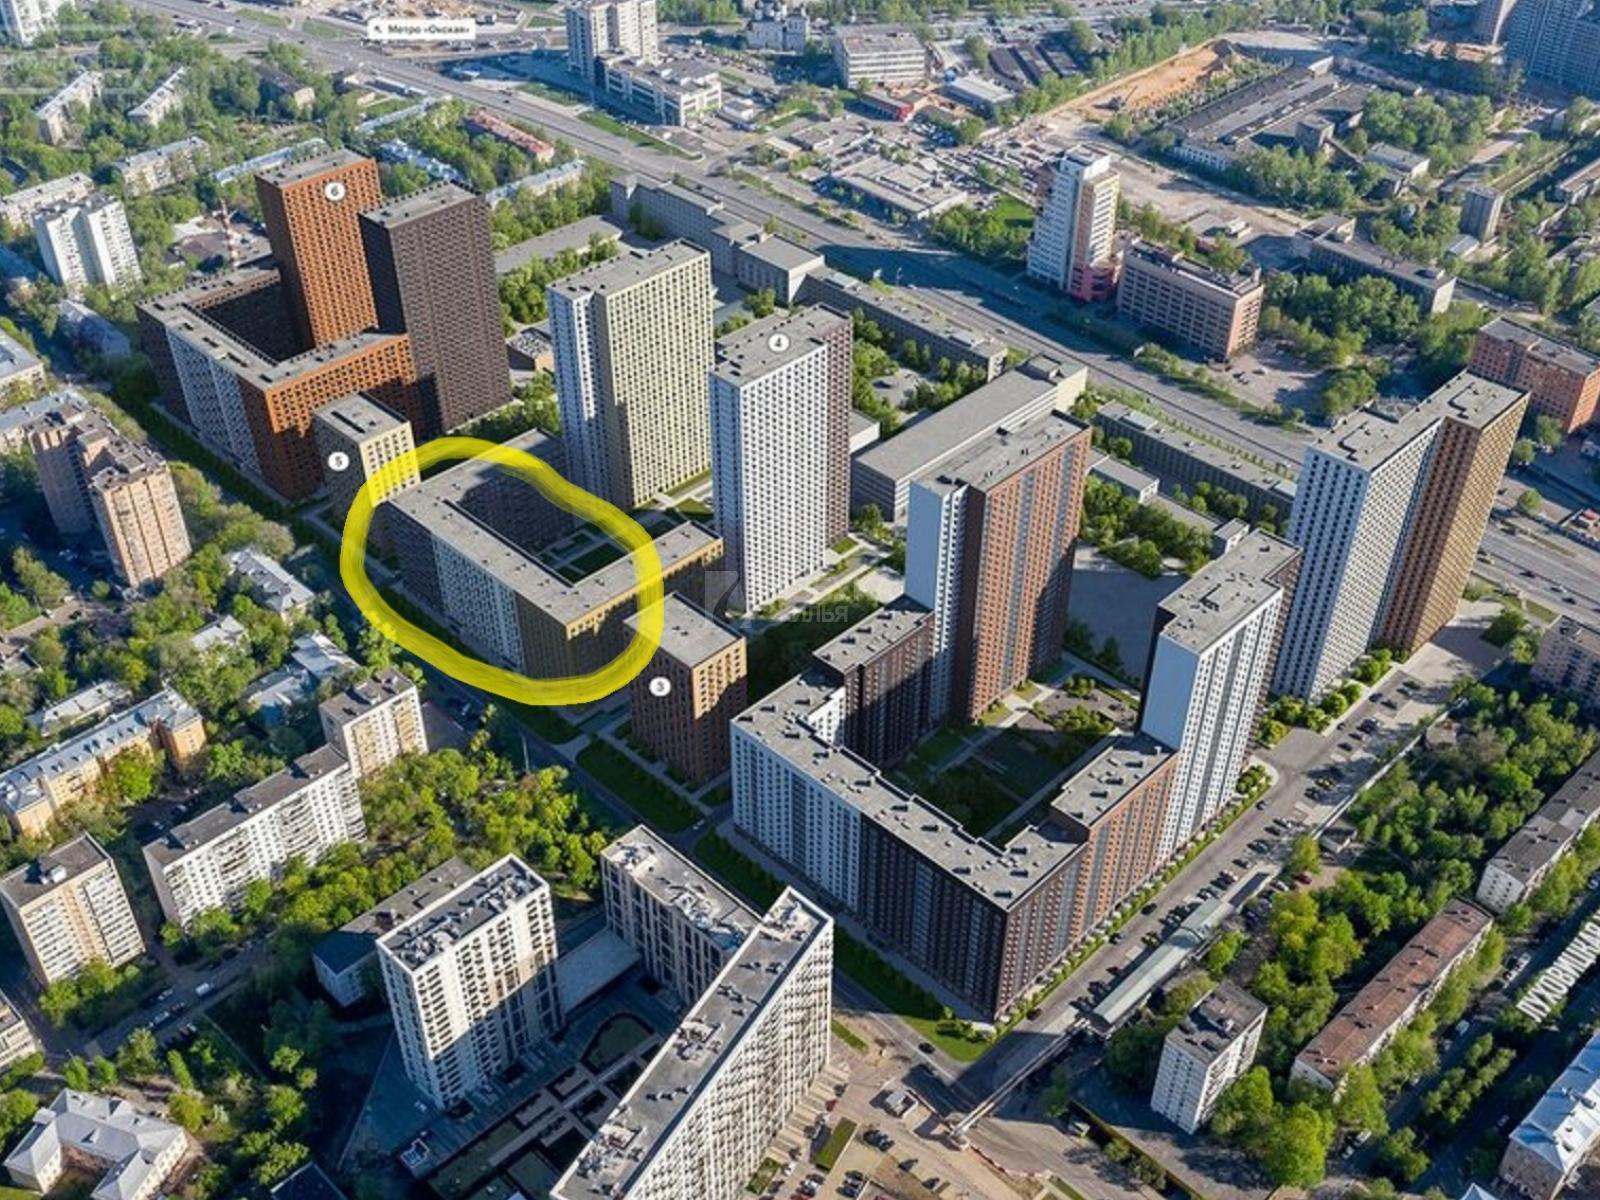 Фото №1 - 2-комнатная квартира, Москва, Институтская 2-я улица 6 корпус 4, метро Окская